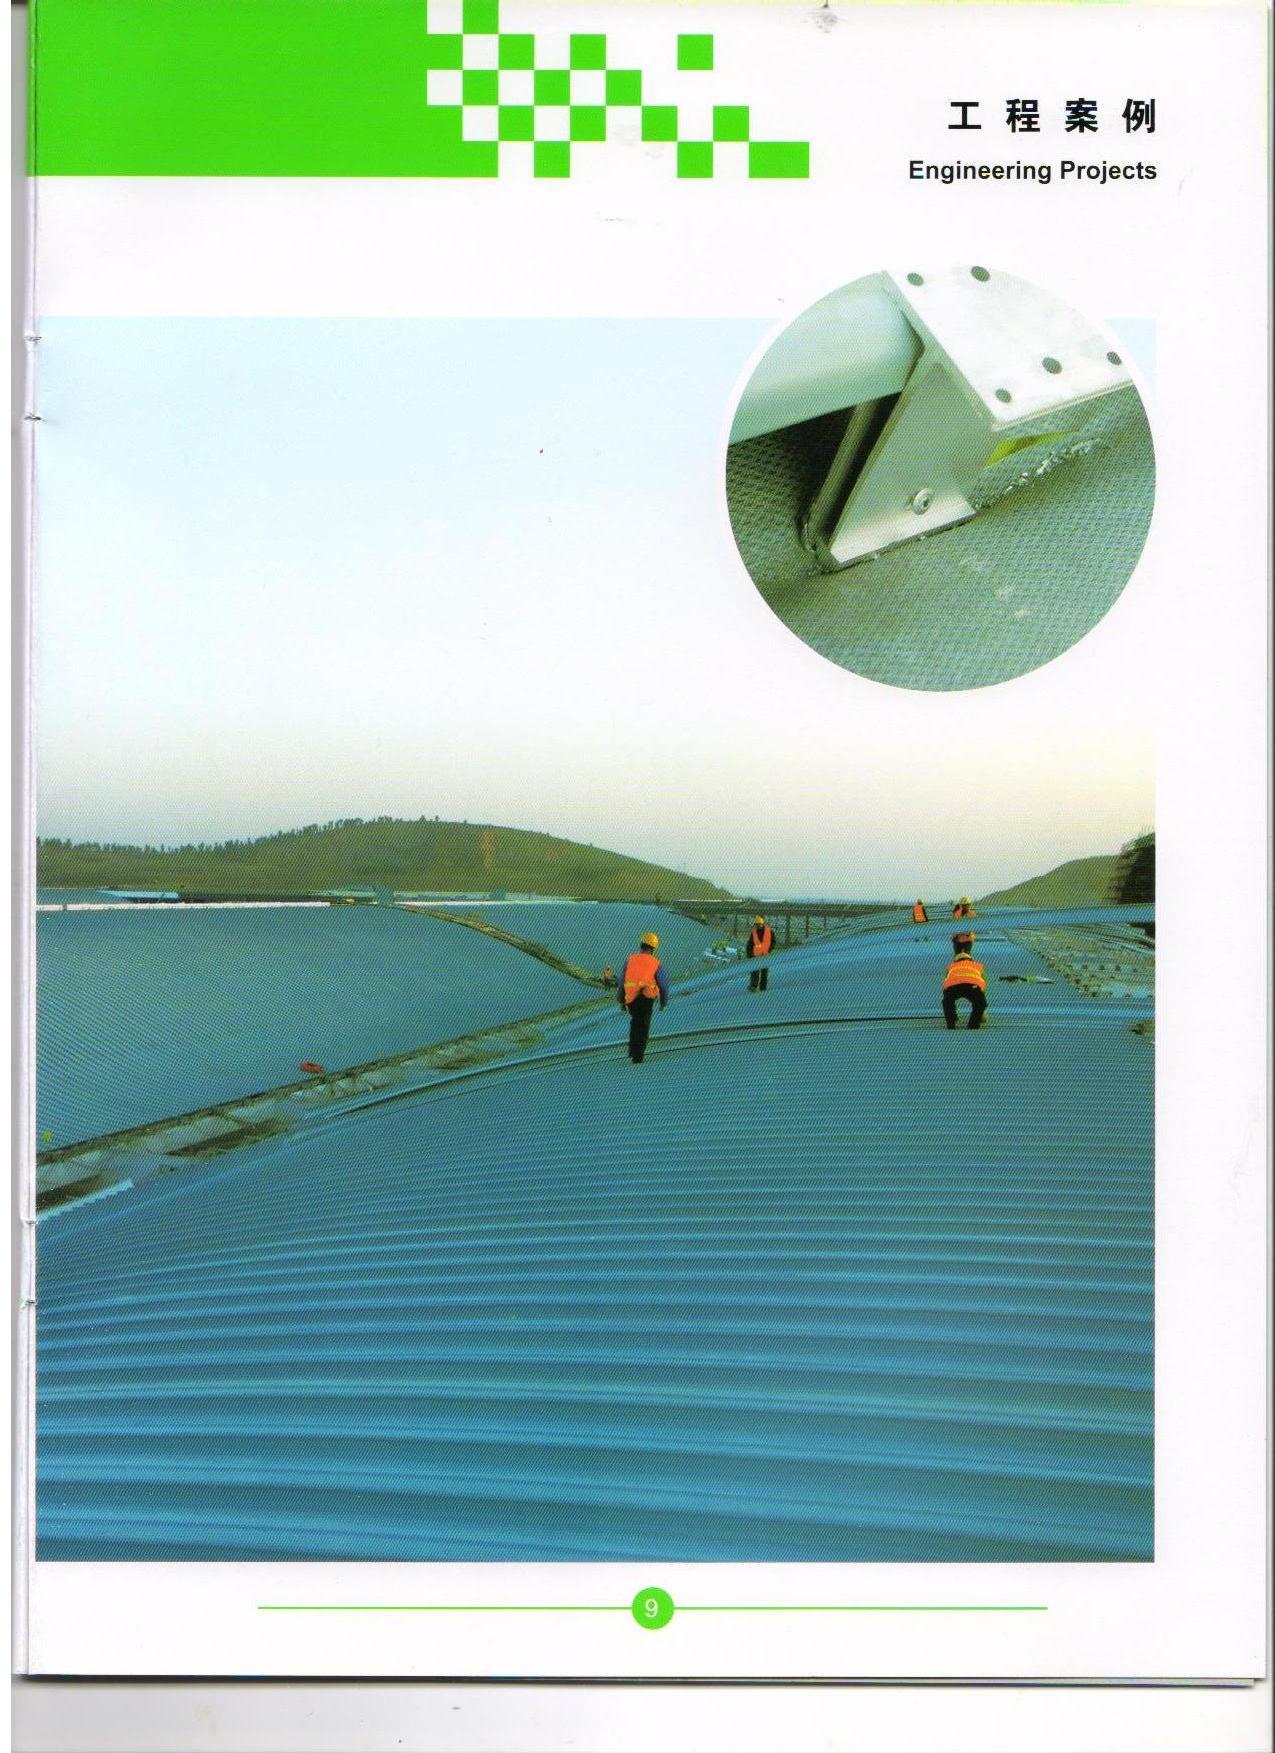 供应科德邦高透气性能防水透气膜